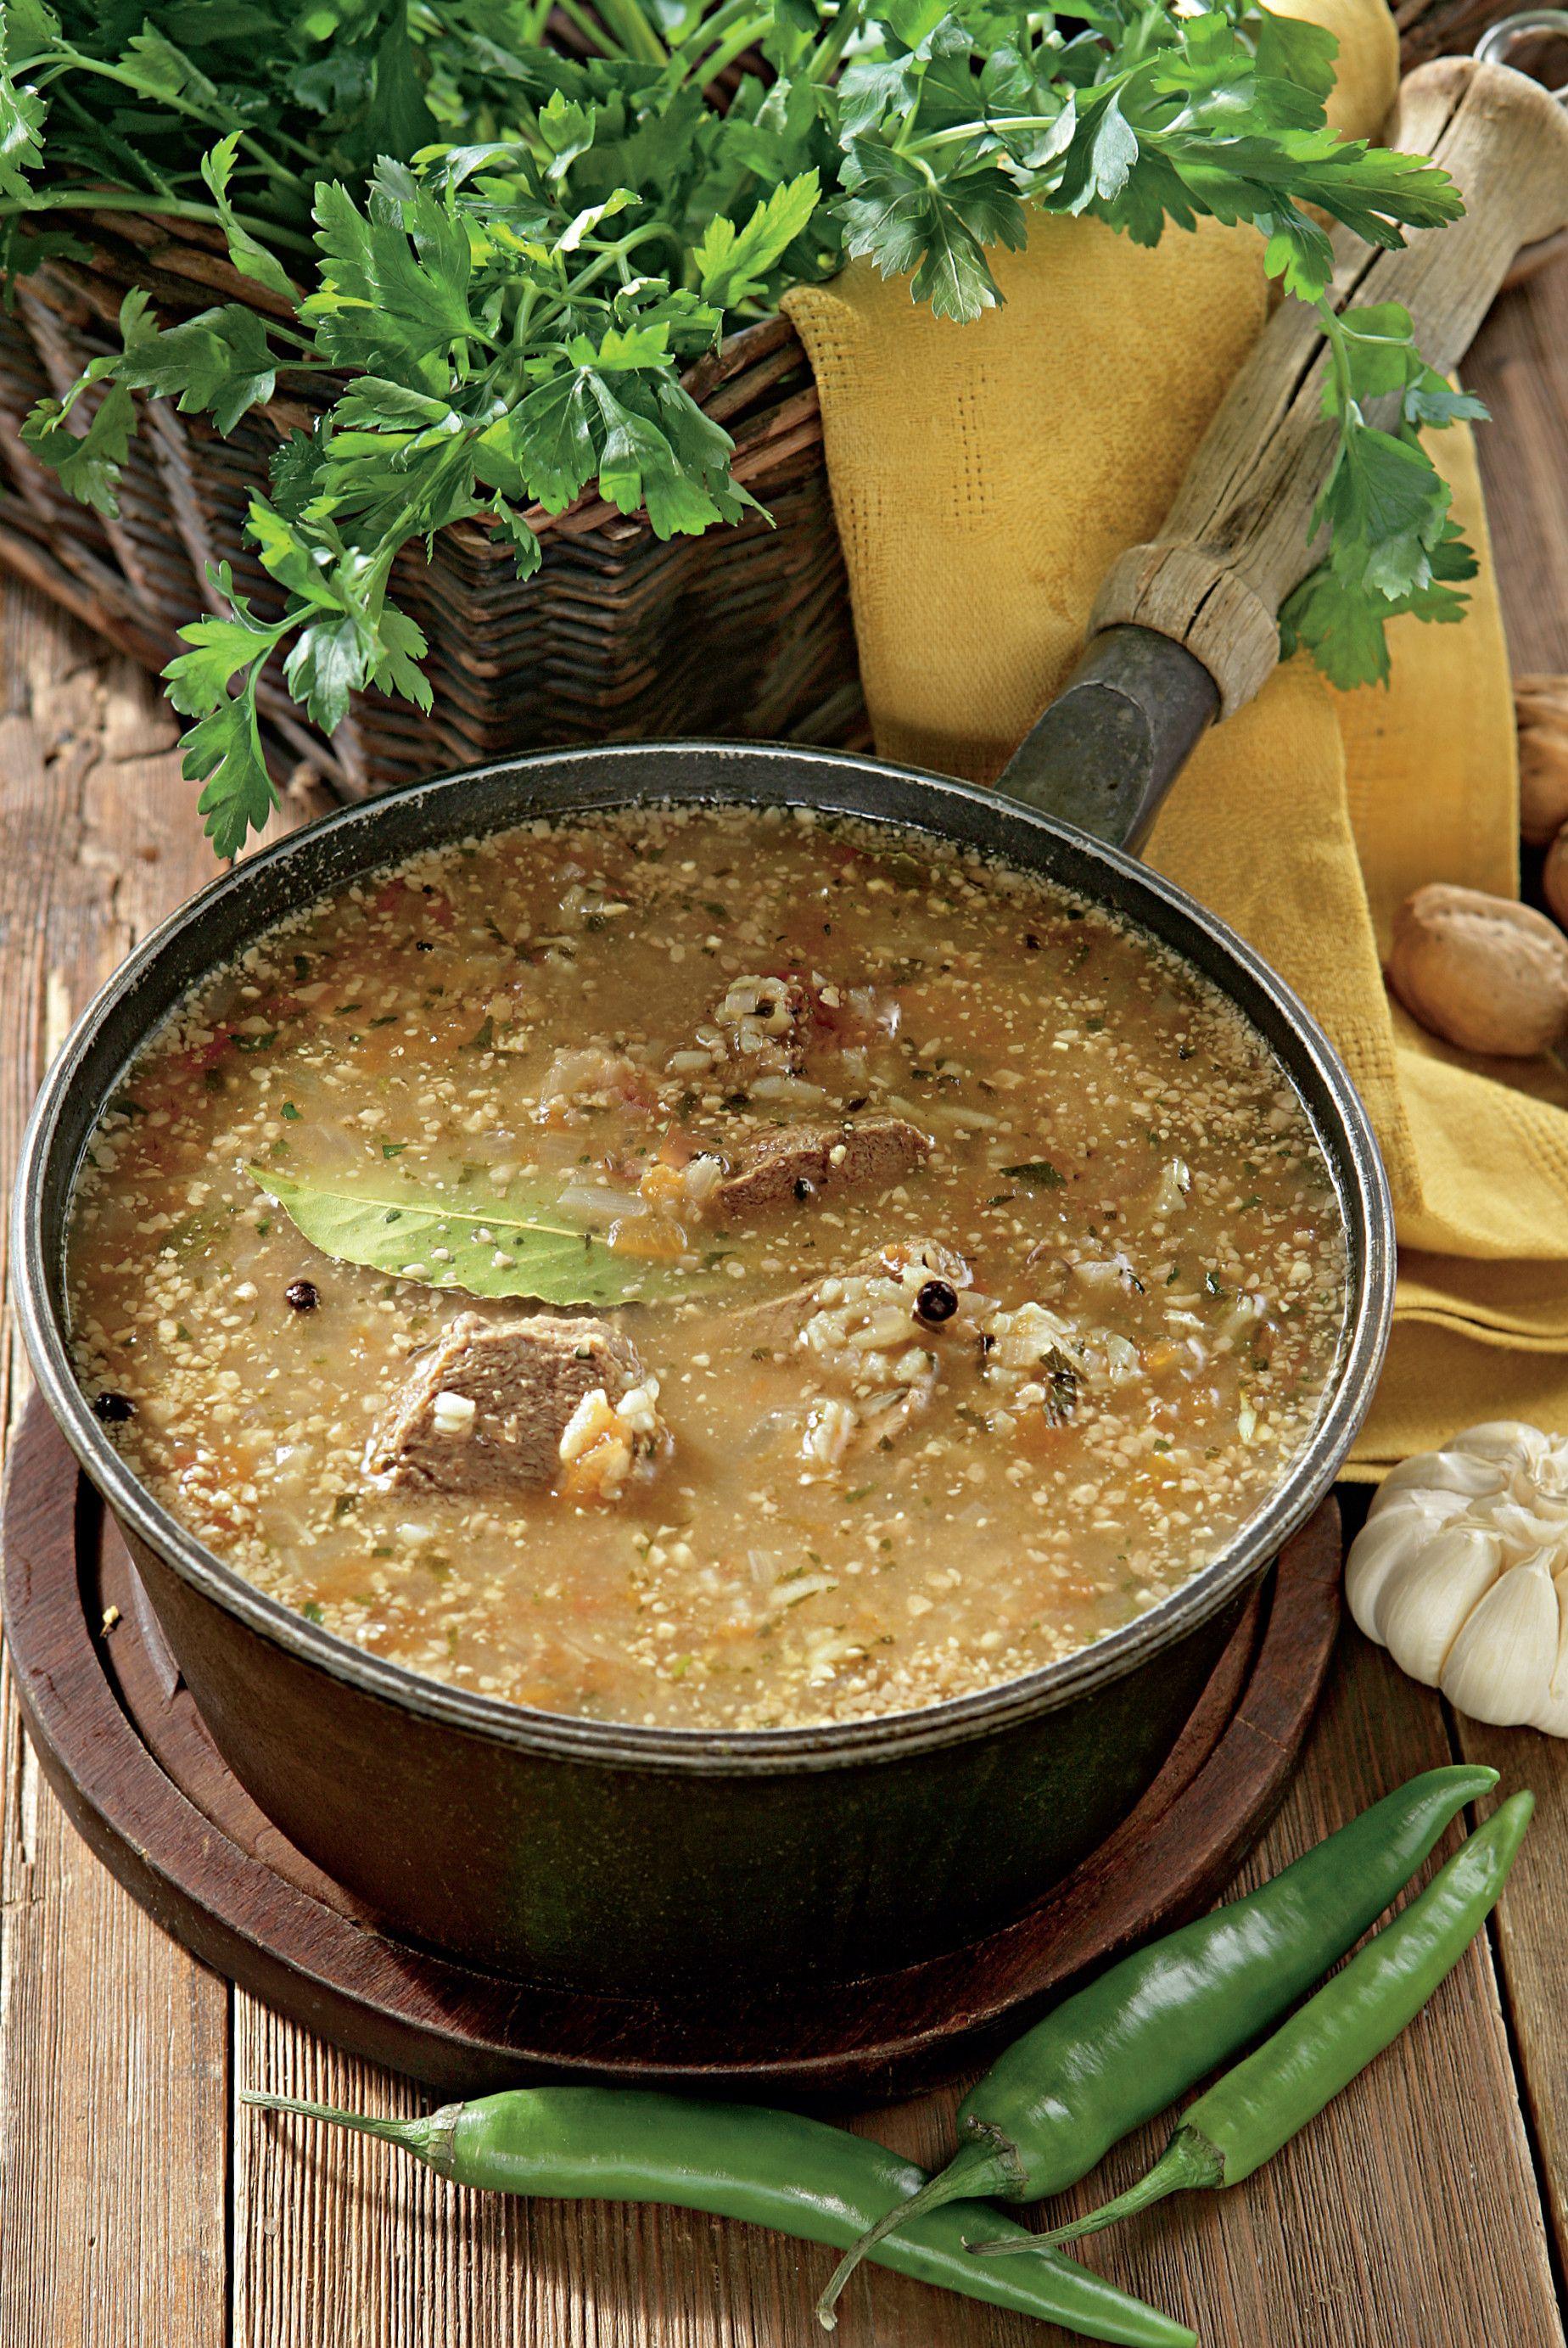 Суп Харчо по-грузински, пошаговый рецепт с фото | Рецепт ...